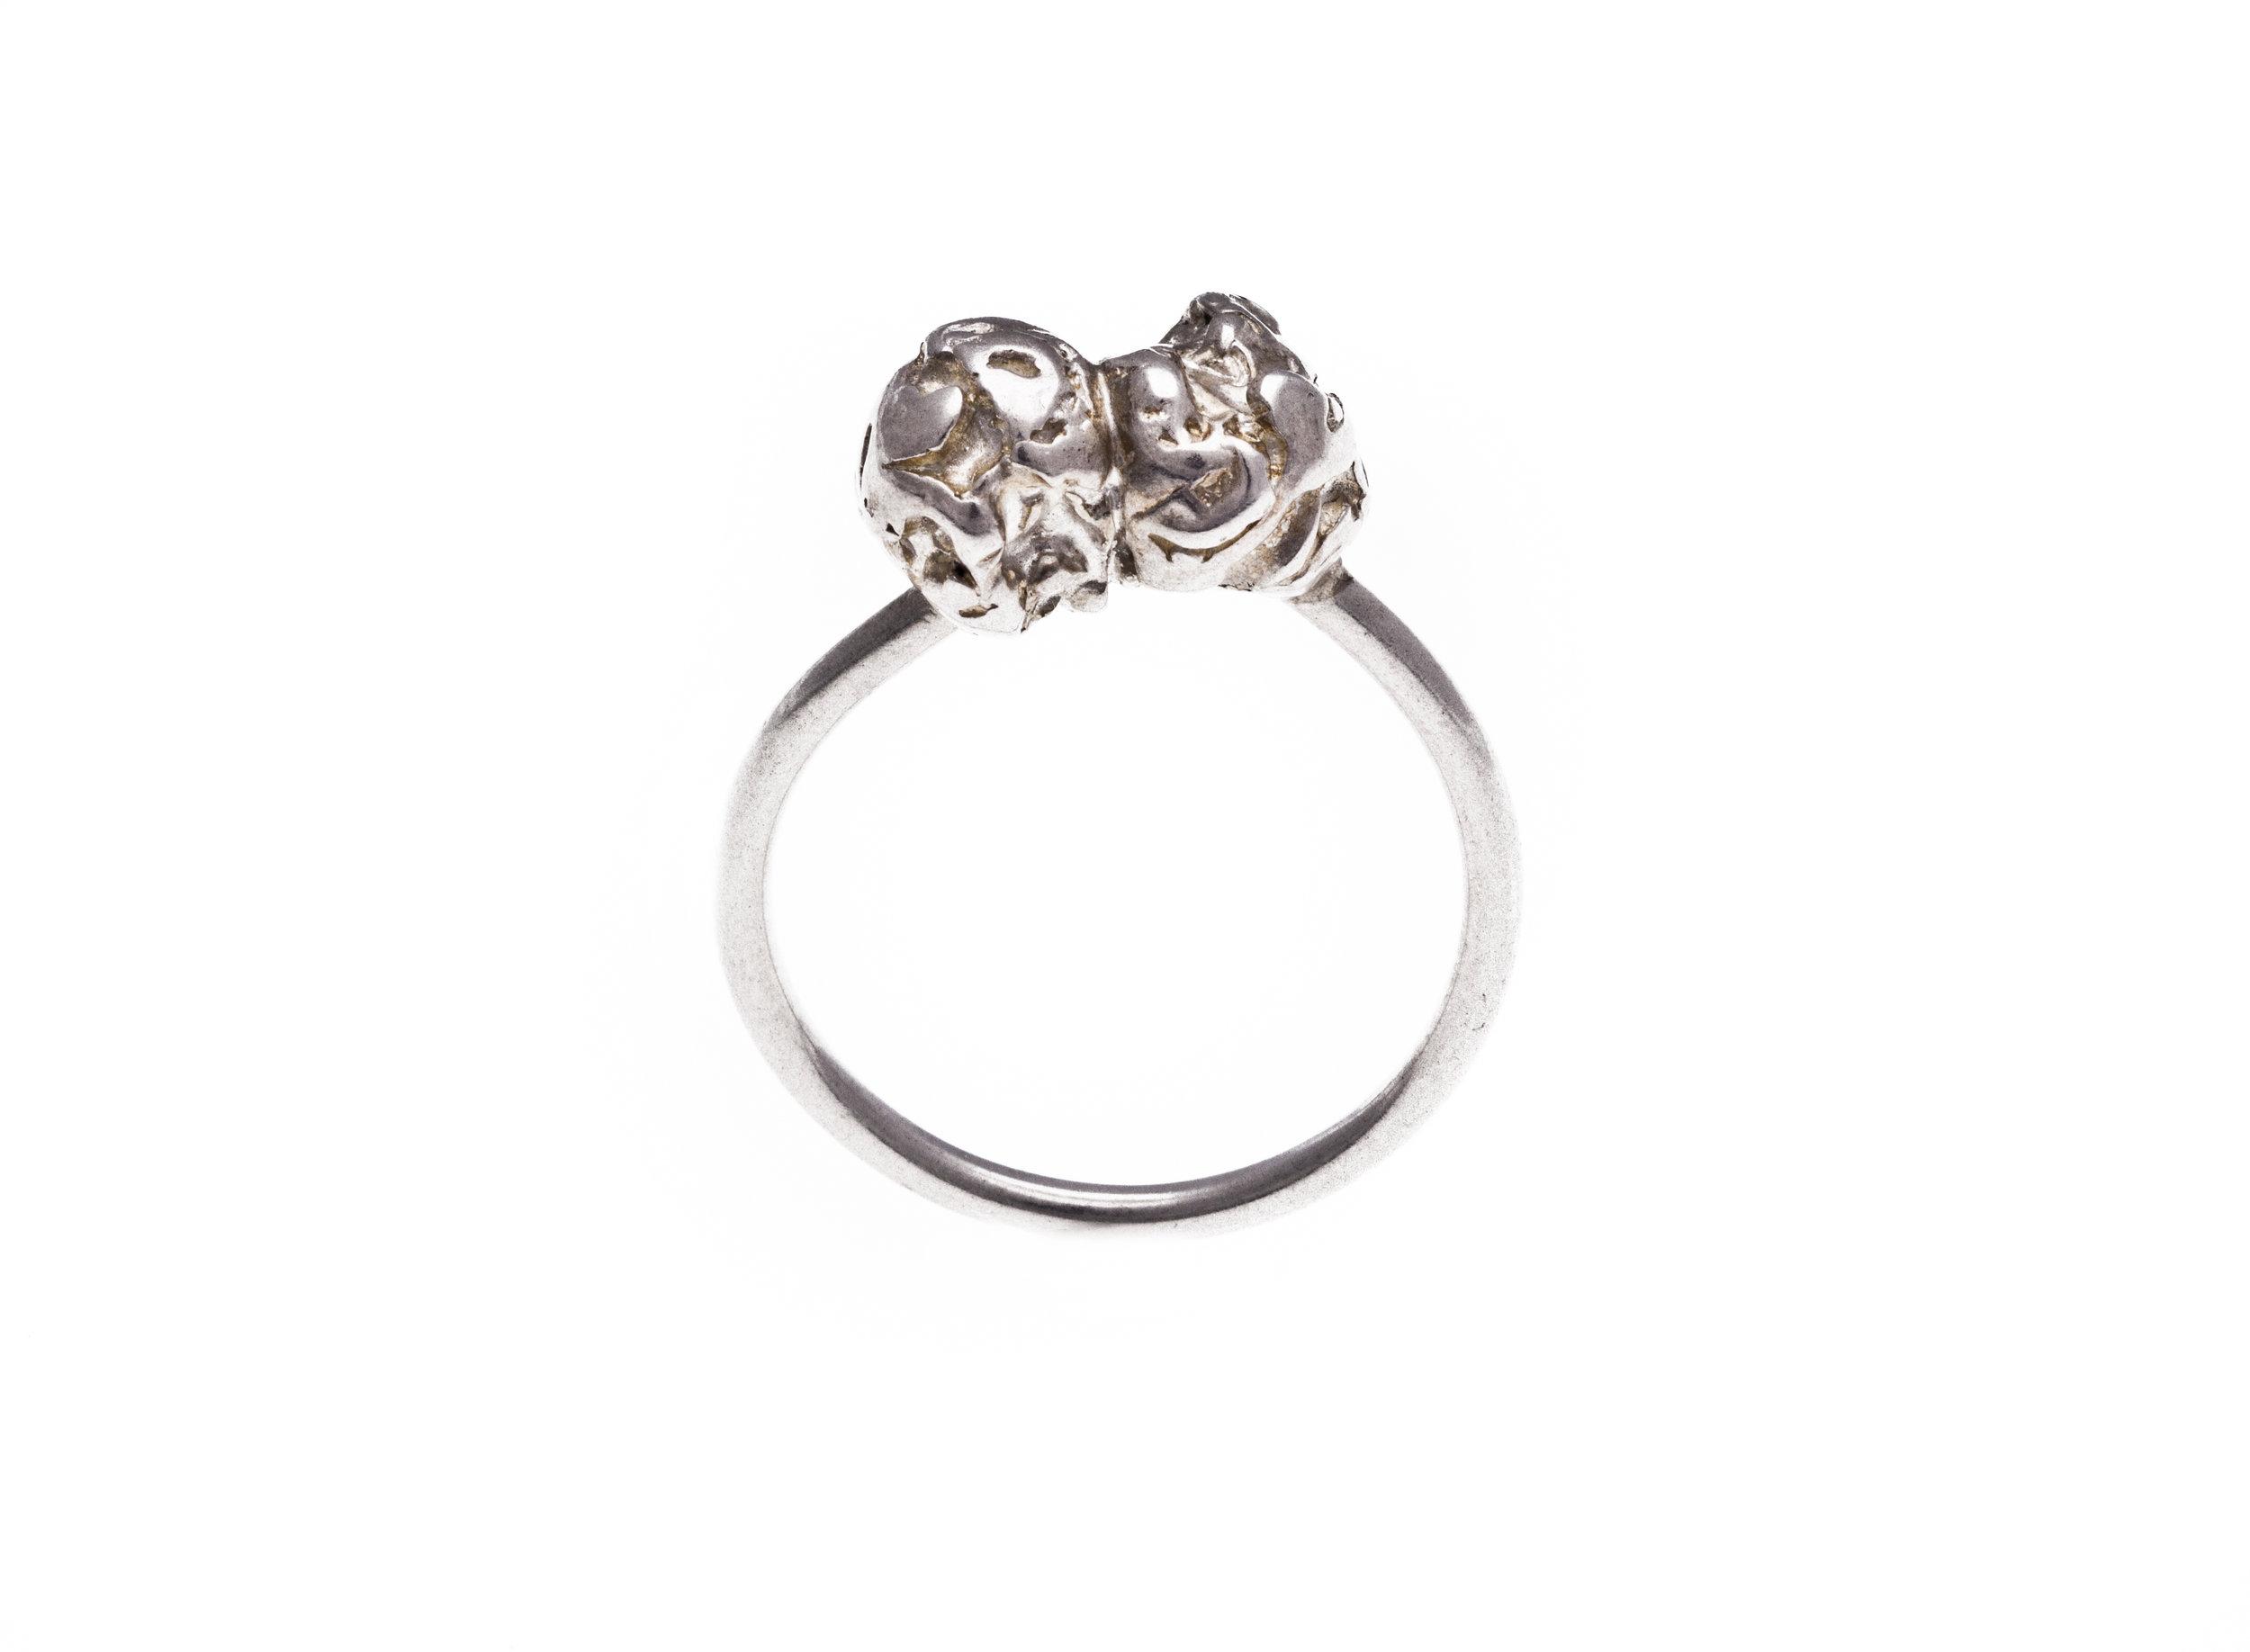 Cojones Ring